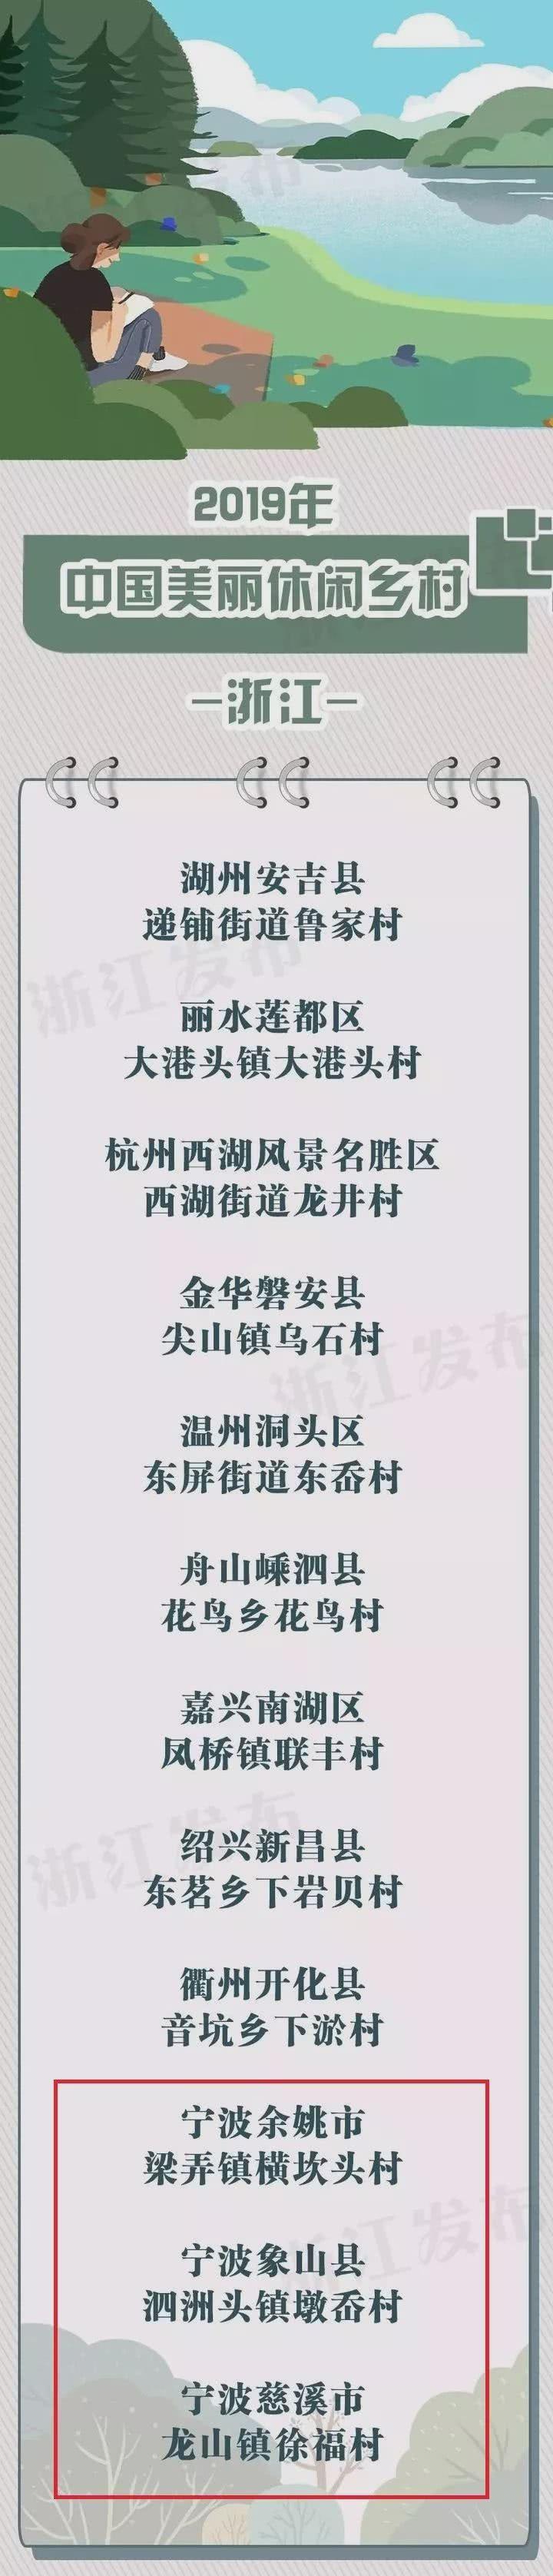 """天龙八部私服怎么玩美!宁波人周末出游,又添3个""""国字号""""休闲地!"""